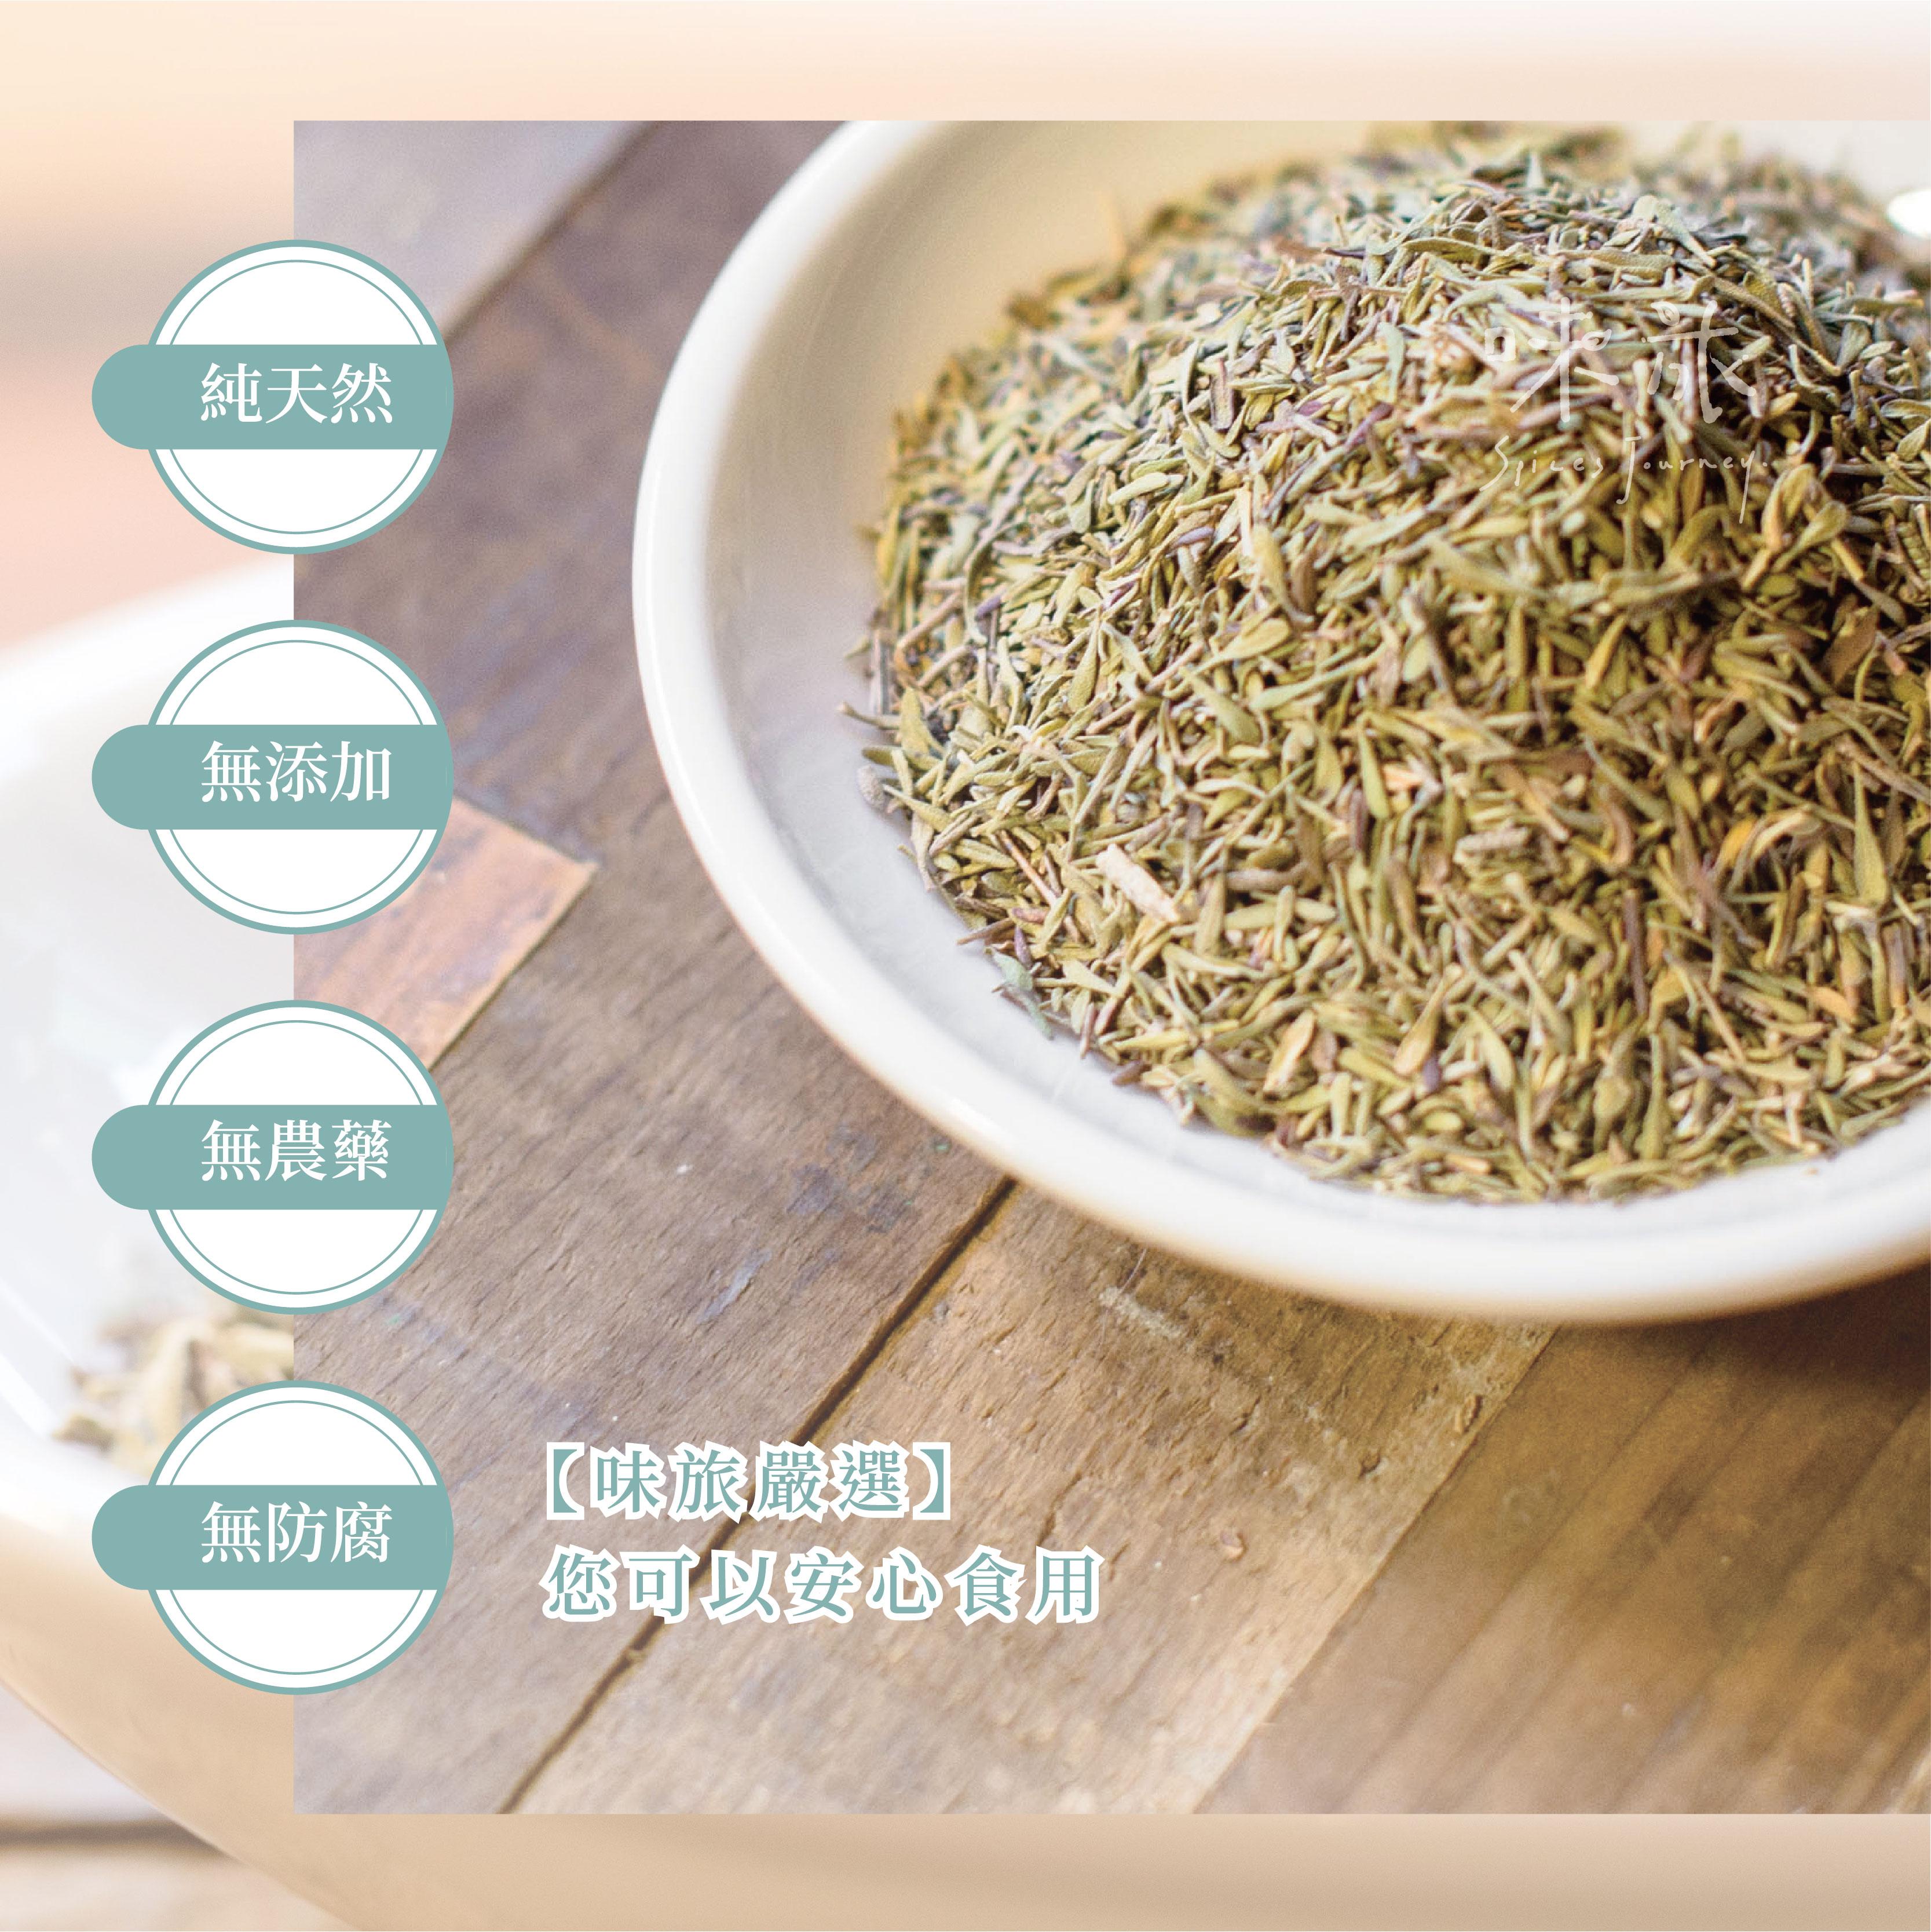 【味旅嚴選】 義大利綜合香料 Italian Seasoning 香草系列 50g【A167】